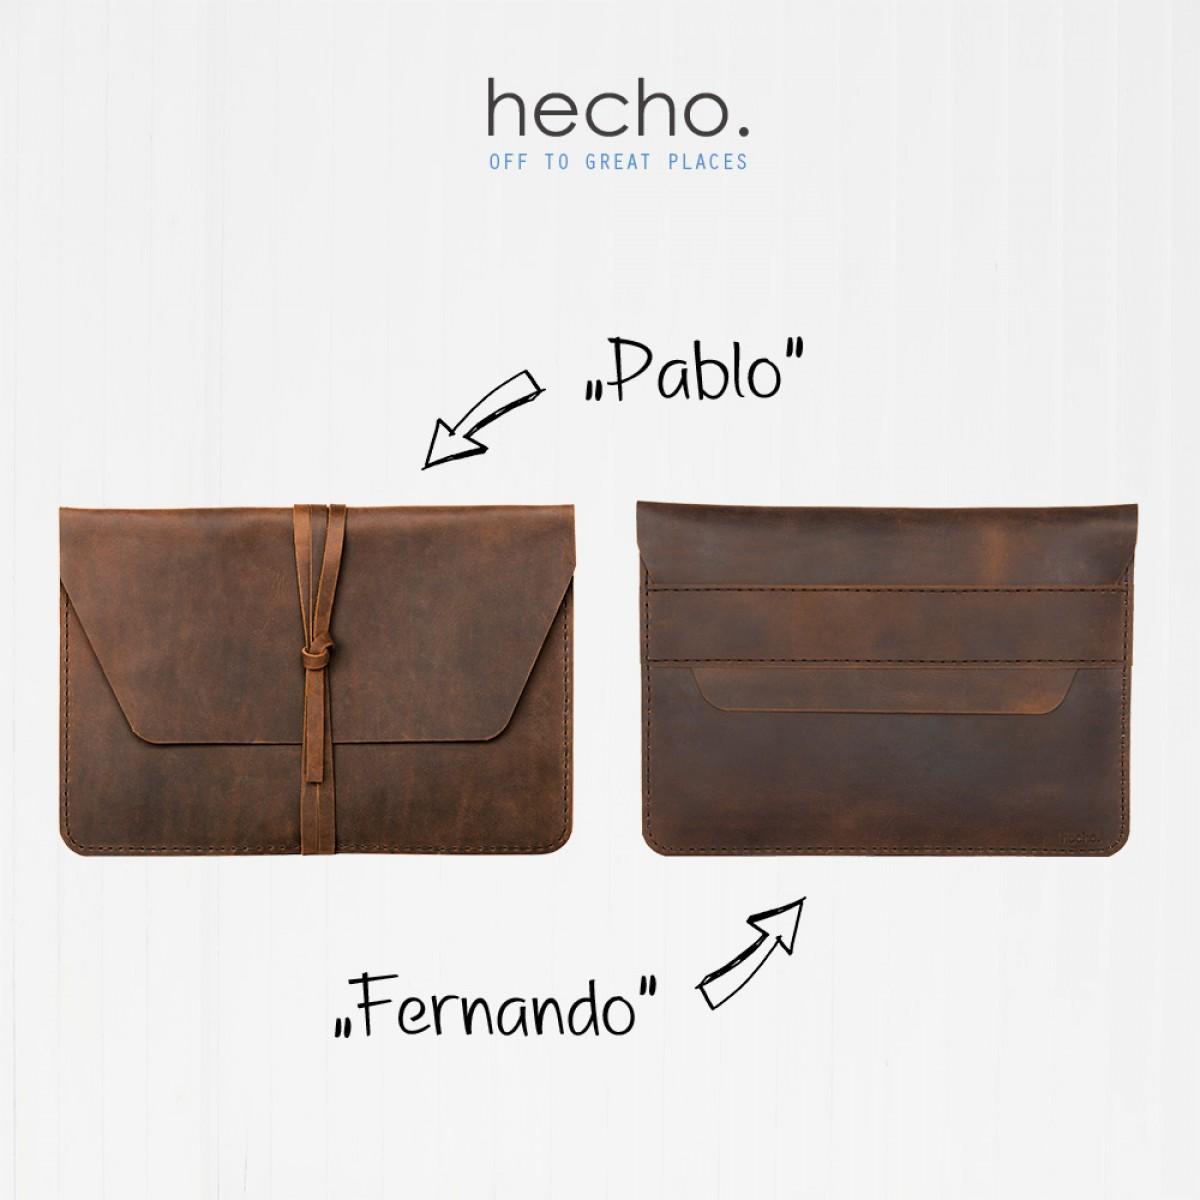 """hecho. Ledertasche """"Fernando"""" für MacBook Air 13"""" Retina, 2018 (Hülle, Cover, Sleeve, Schutz)"""